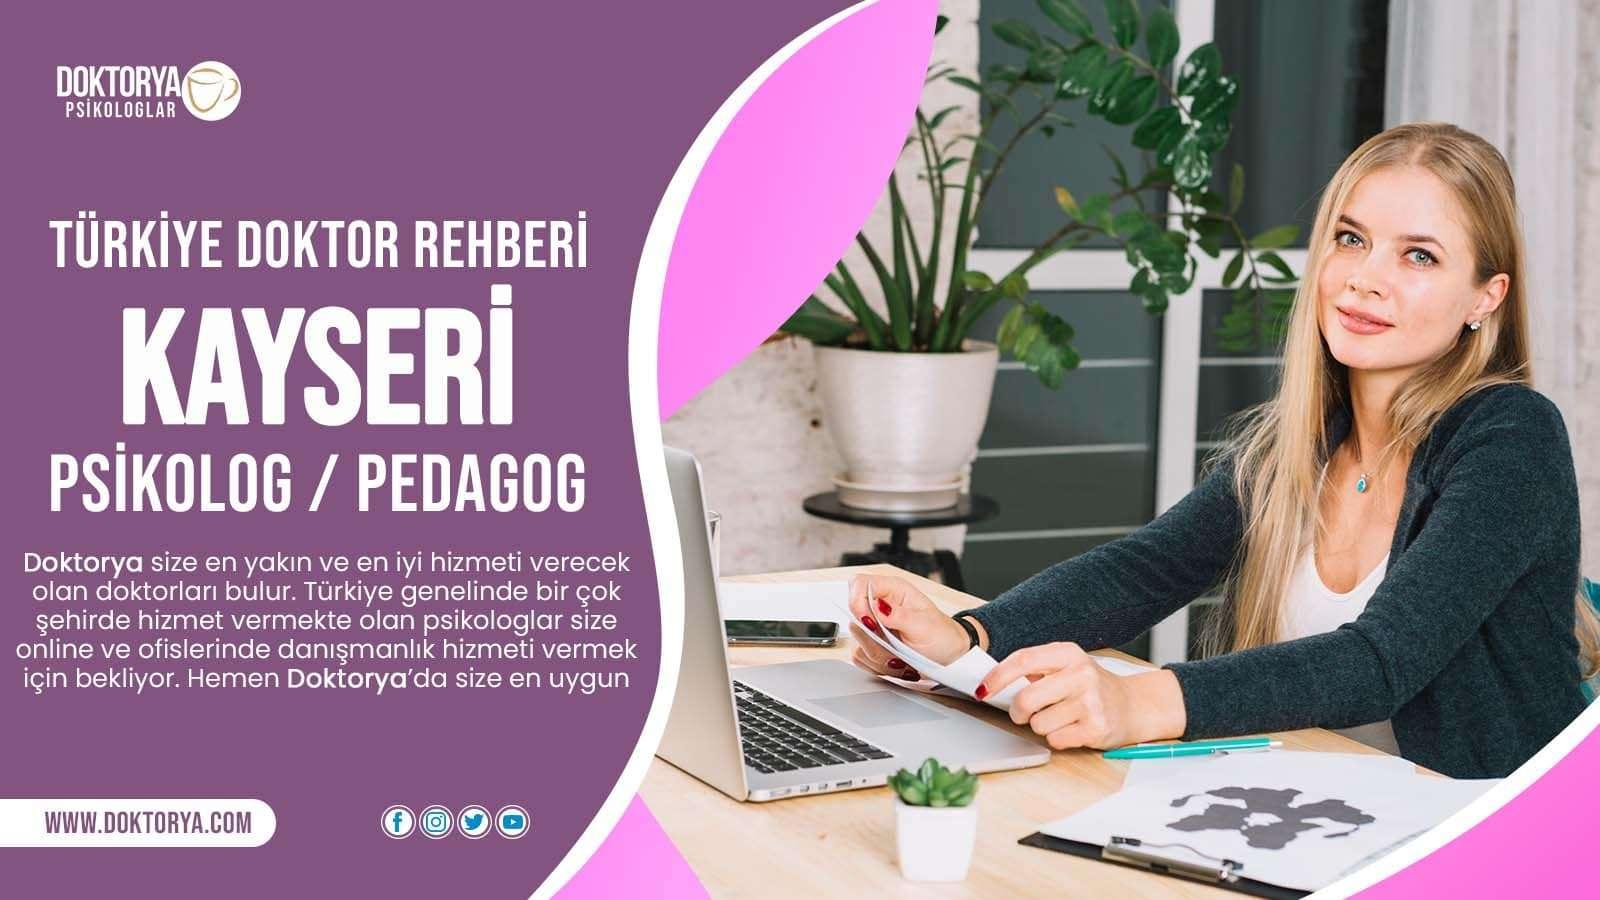 Kayseri Psikolog